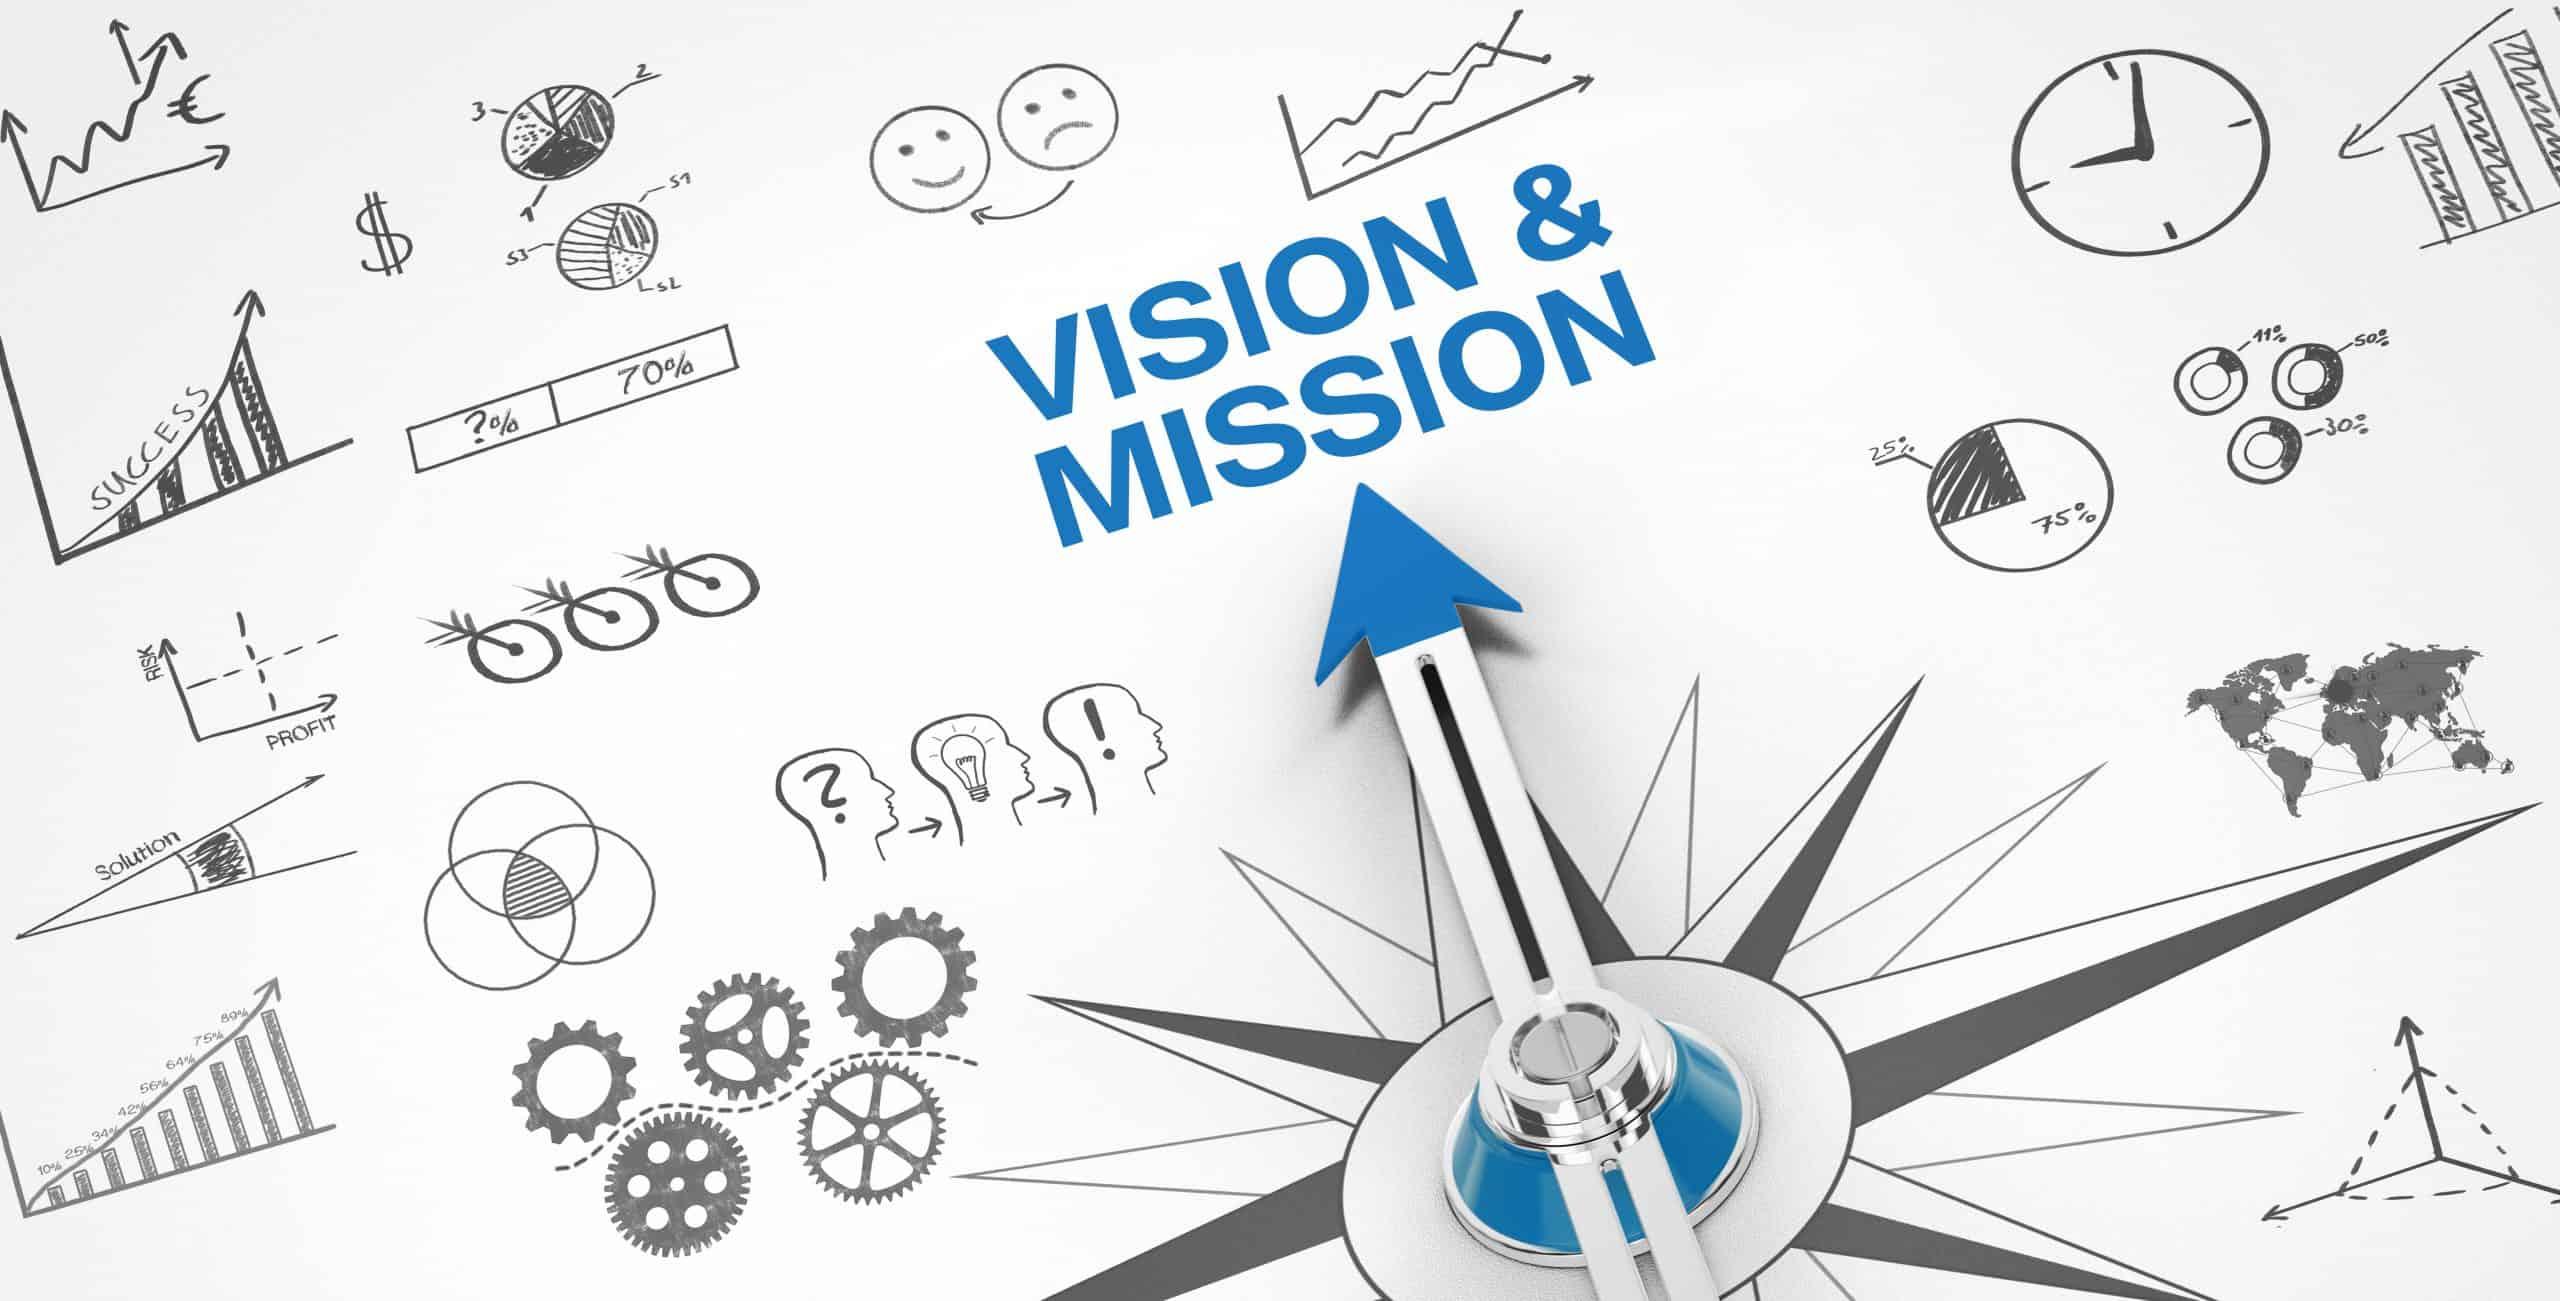 Witte achtergrond met grafieken en diagrammen en een blauw/zwart kompas dat 'Vision & Mission' aanwijst